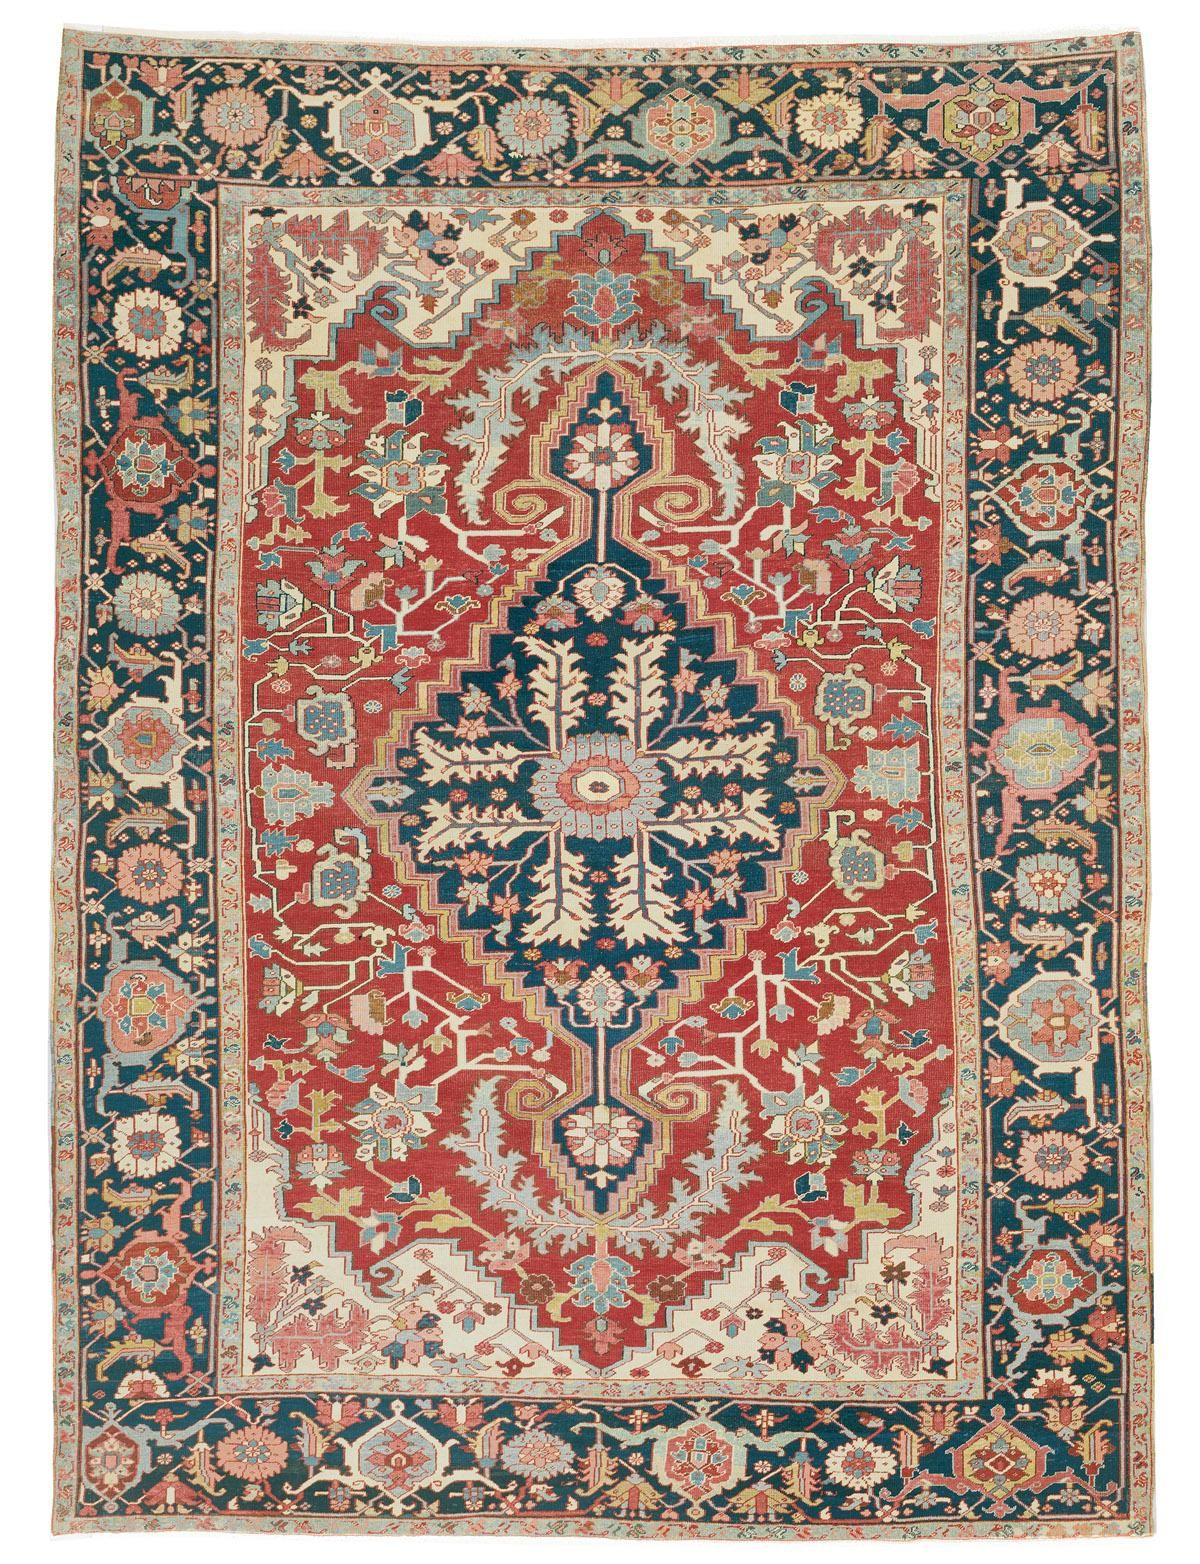 Antique Serapi Room Size Oriental Carpet Rugs On Carpet Serapi Rug Carpet Handmade